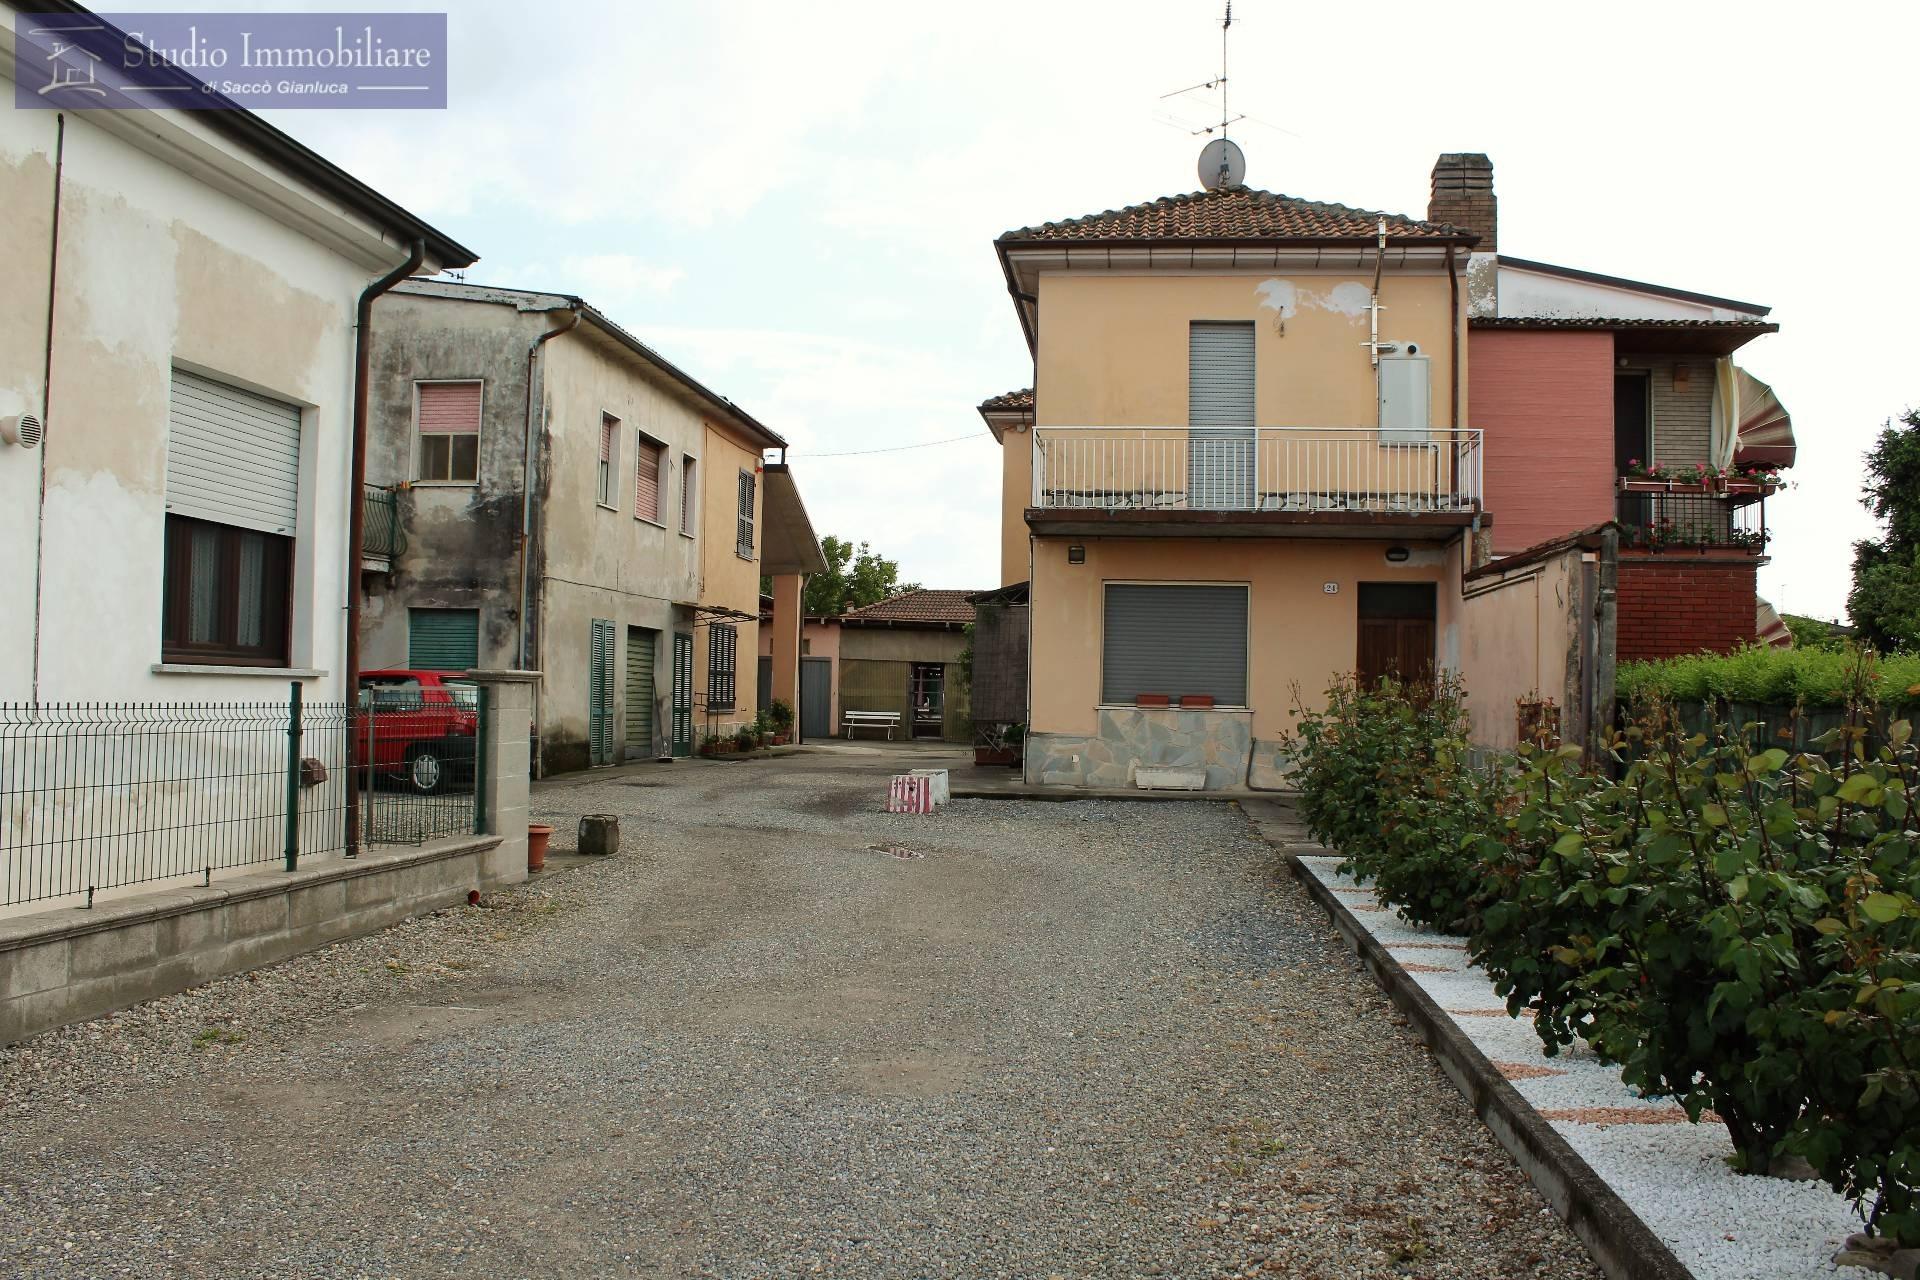 Rustico / Casale in vendita a Lungavilla, 3 locali, prezzo € 65.000 | CambioCasa.it